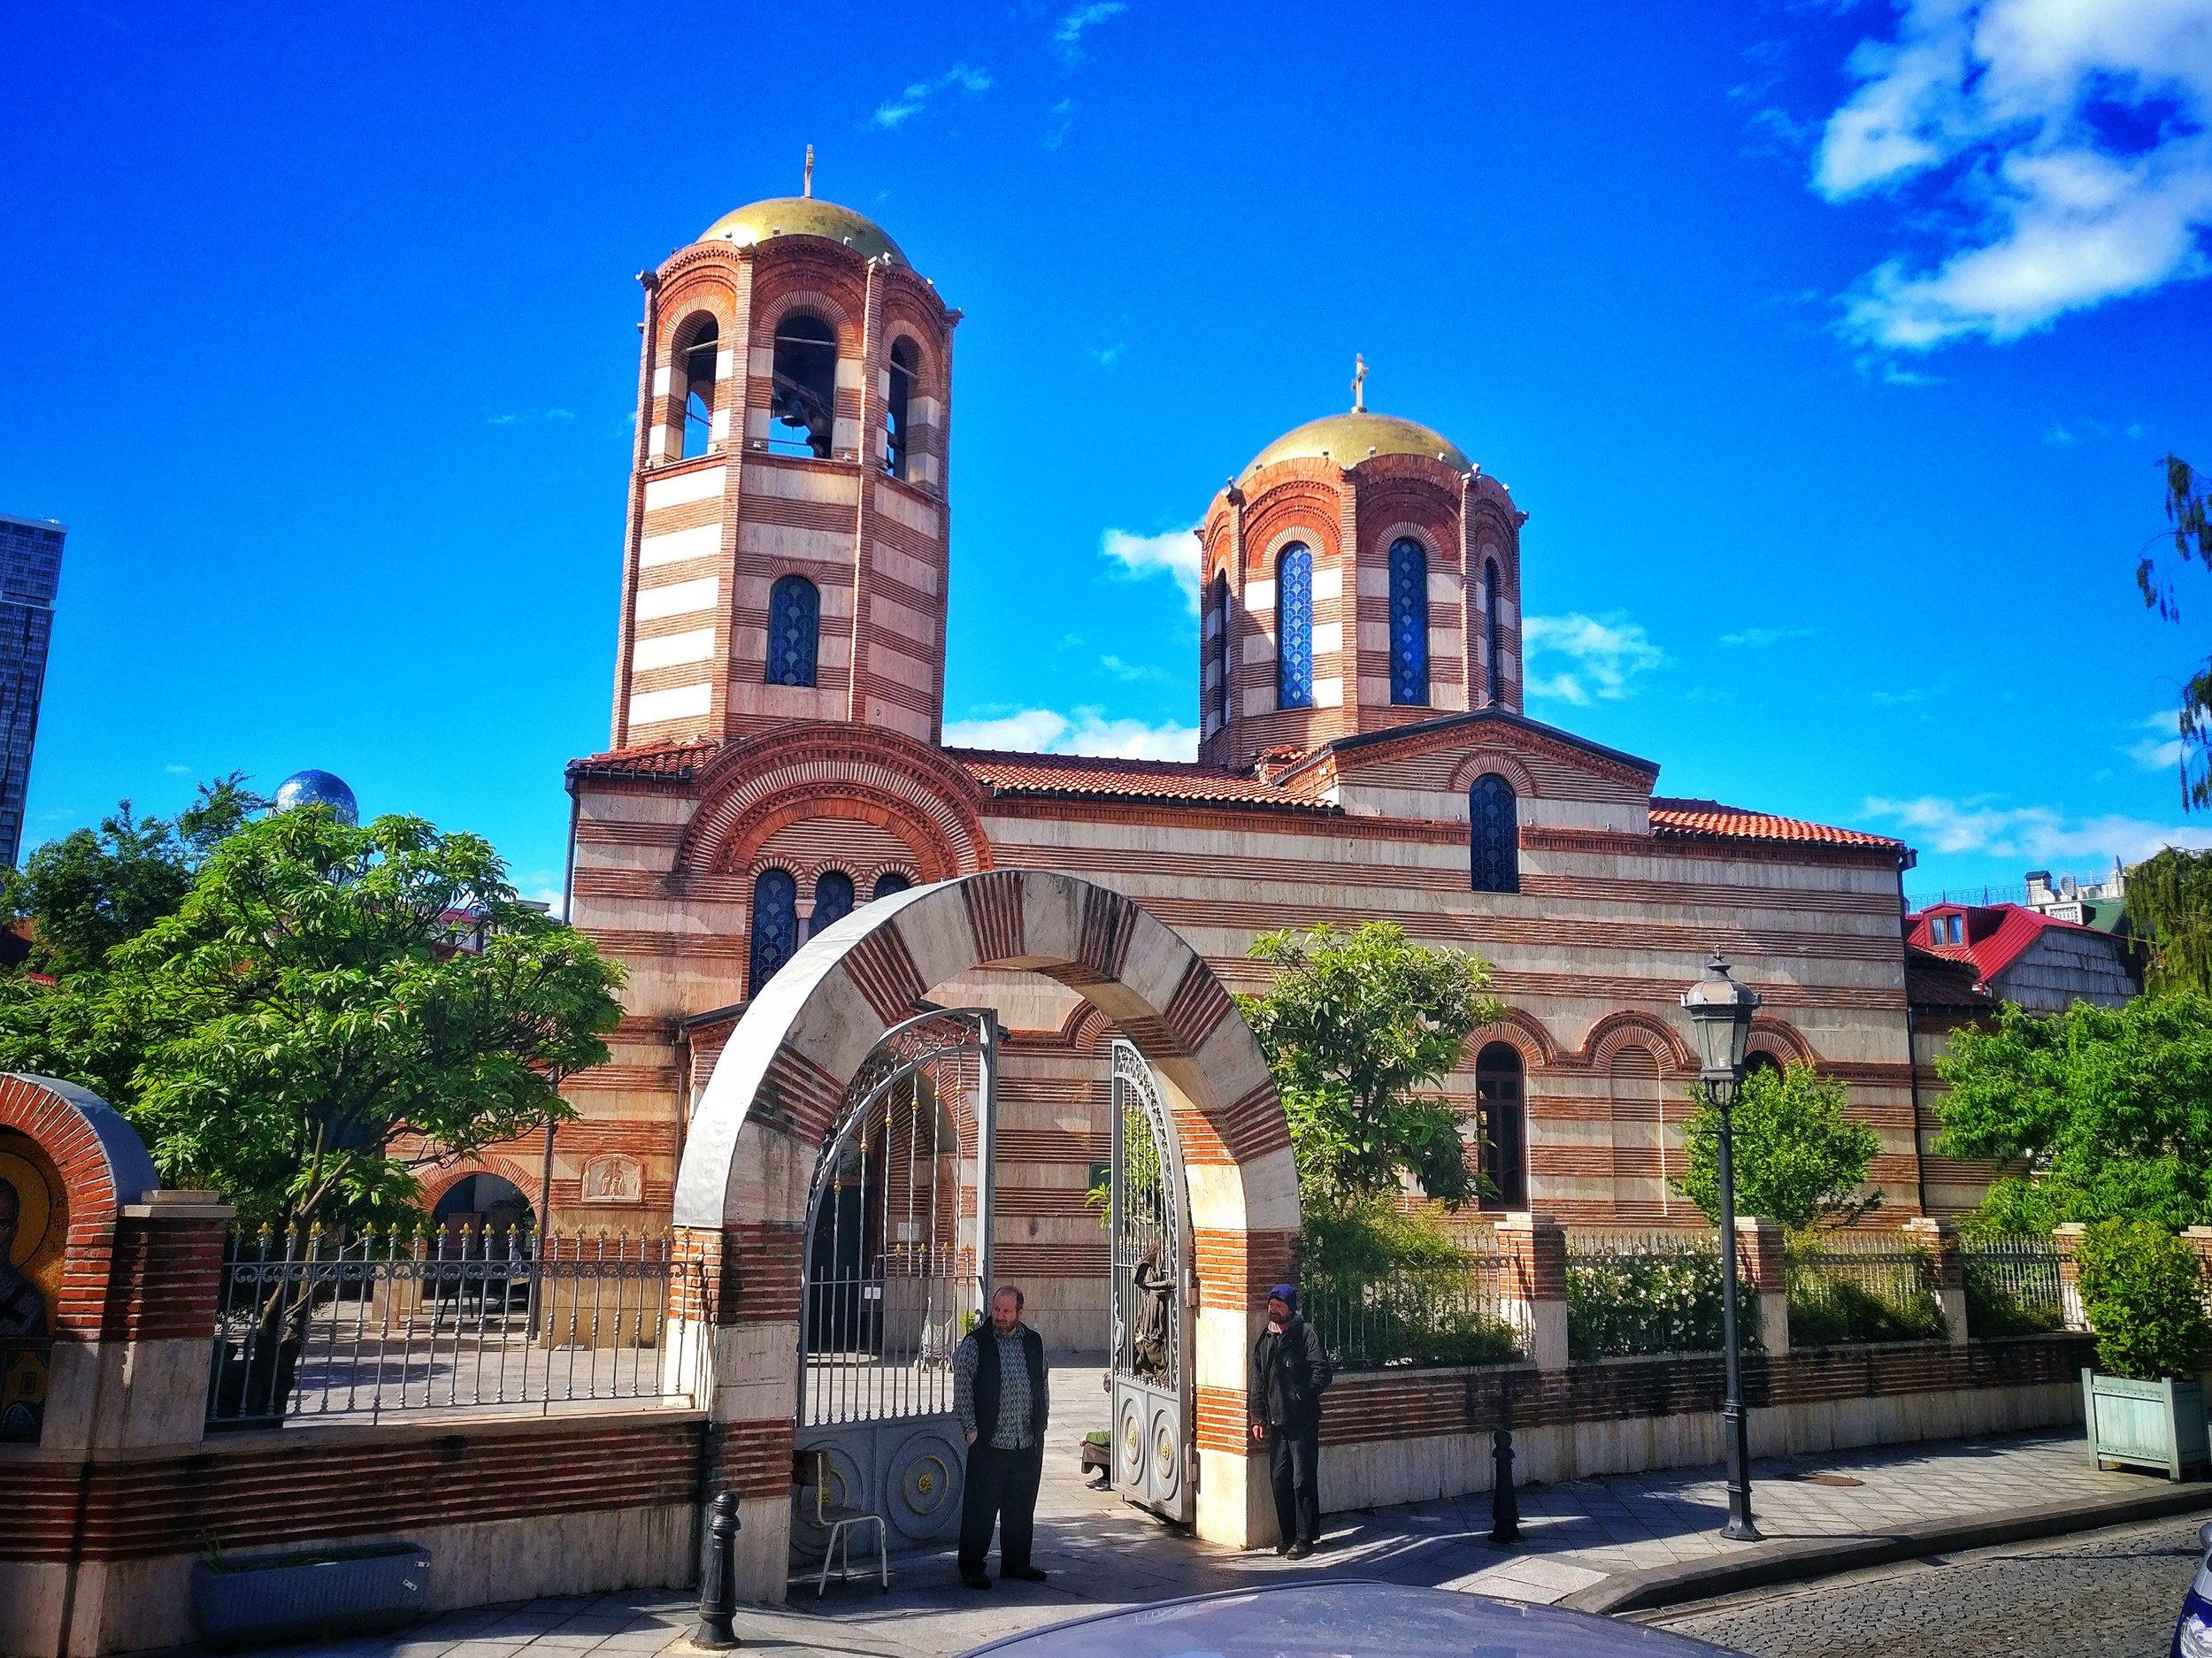 One of many, many churches